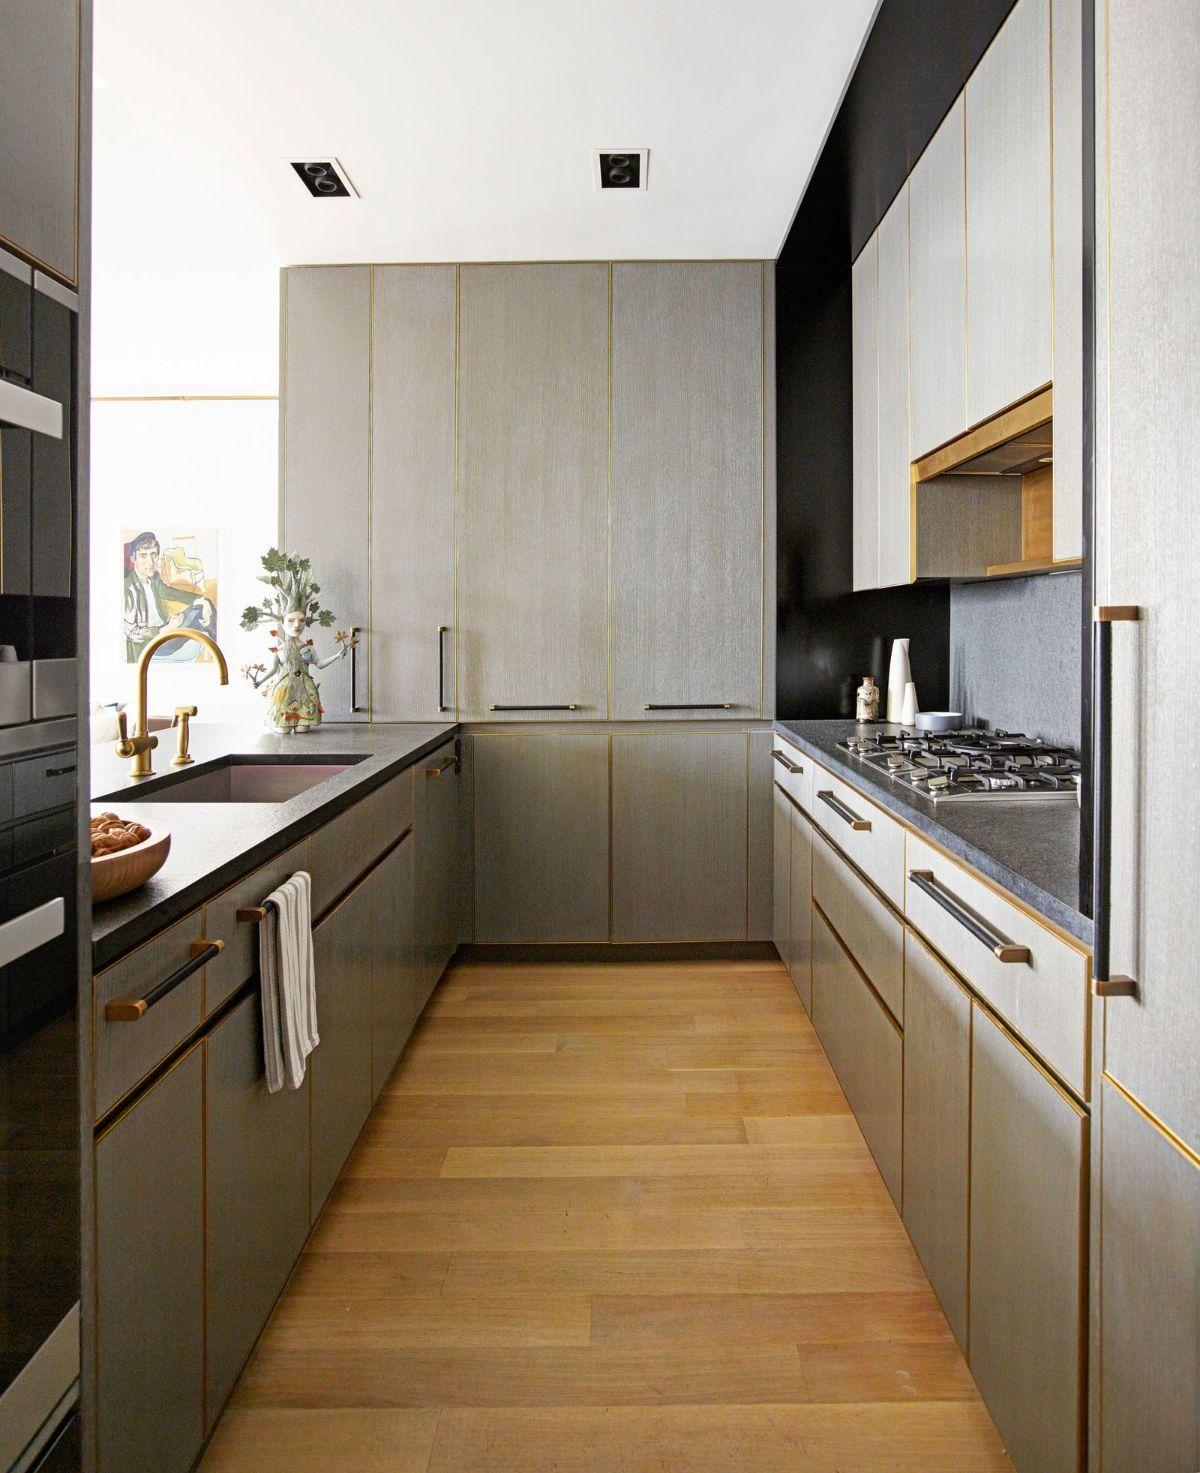 дизайн узкой кухни гарнитур цвета мокрого асфальта